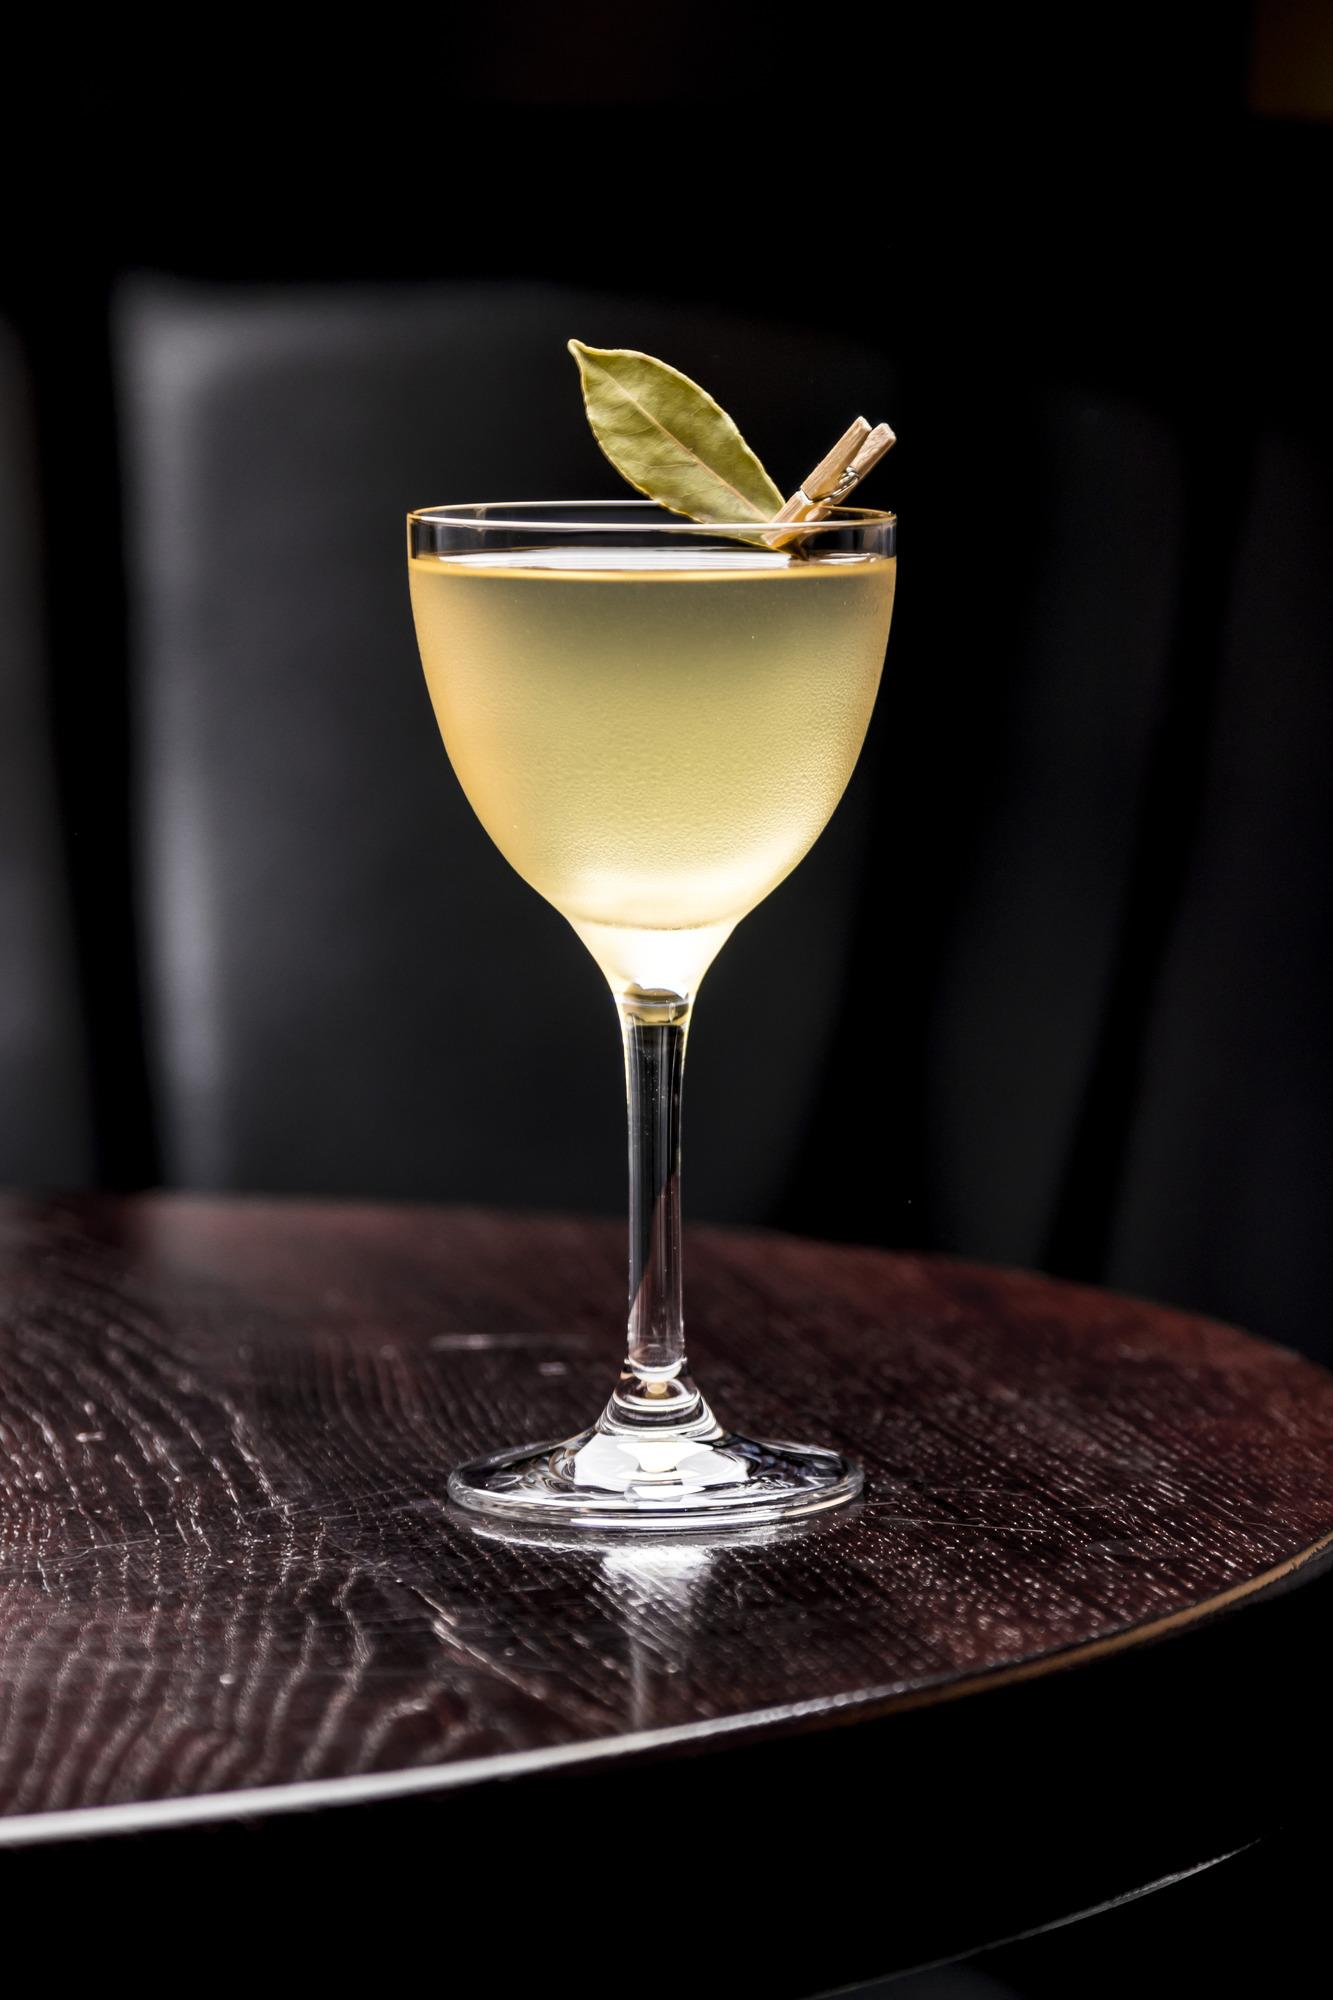 Hemingway Bar Prague - Cocktail bar in Prague